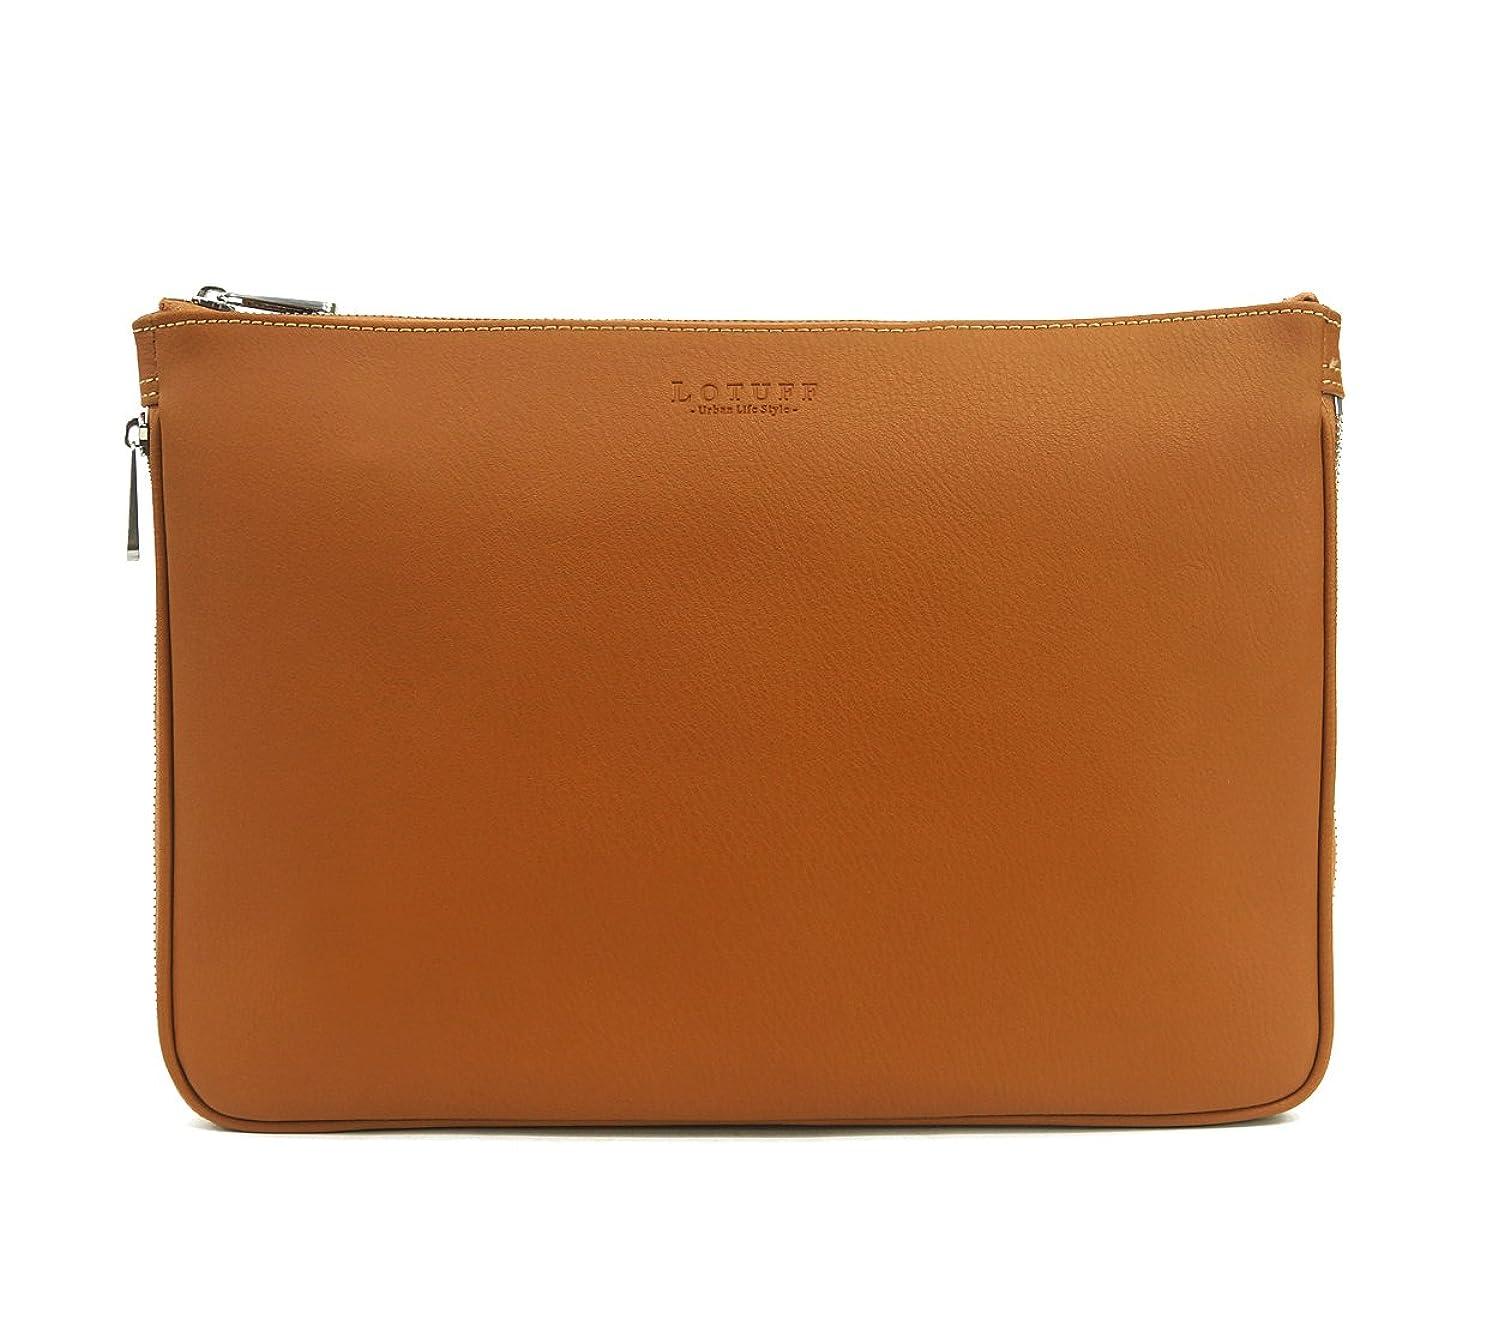 シェアピクニックやさしくLOTUFF(ロトプ) 6 Color シンプルクラッチバッグクロスバッグレザーバッグレディースLO-3128 メンズ レディース Leather Cross Bag Clutch Bag Shoulder Bag [並行輸入品]